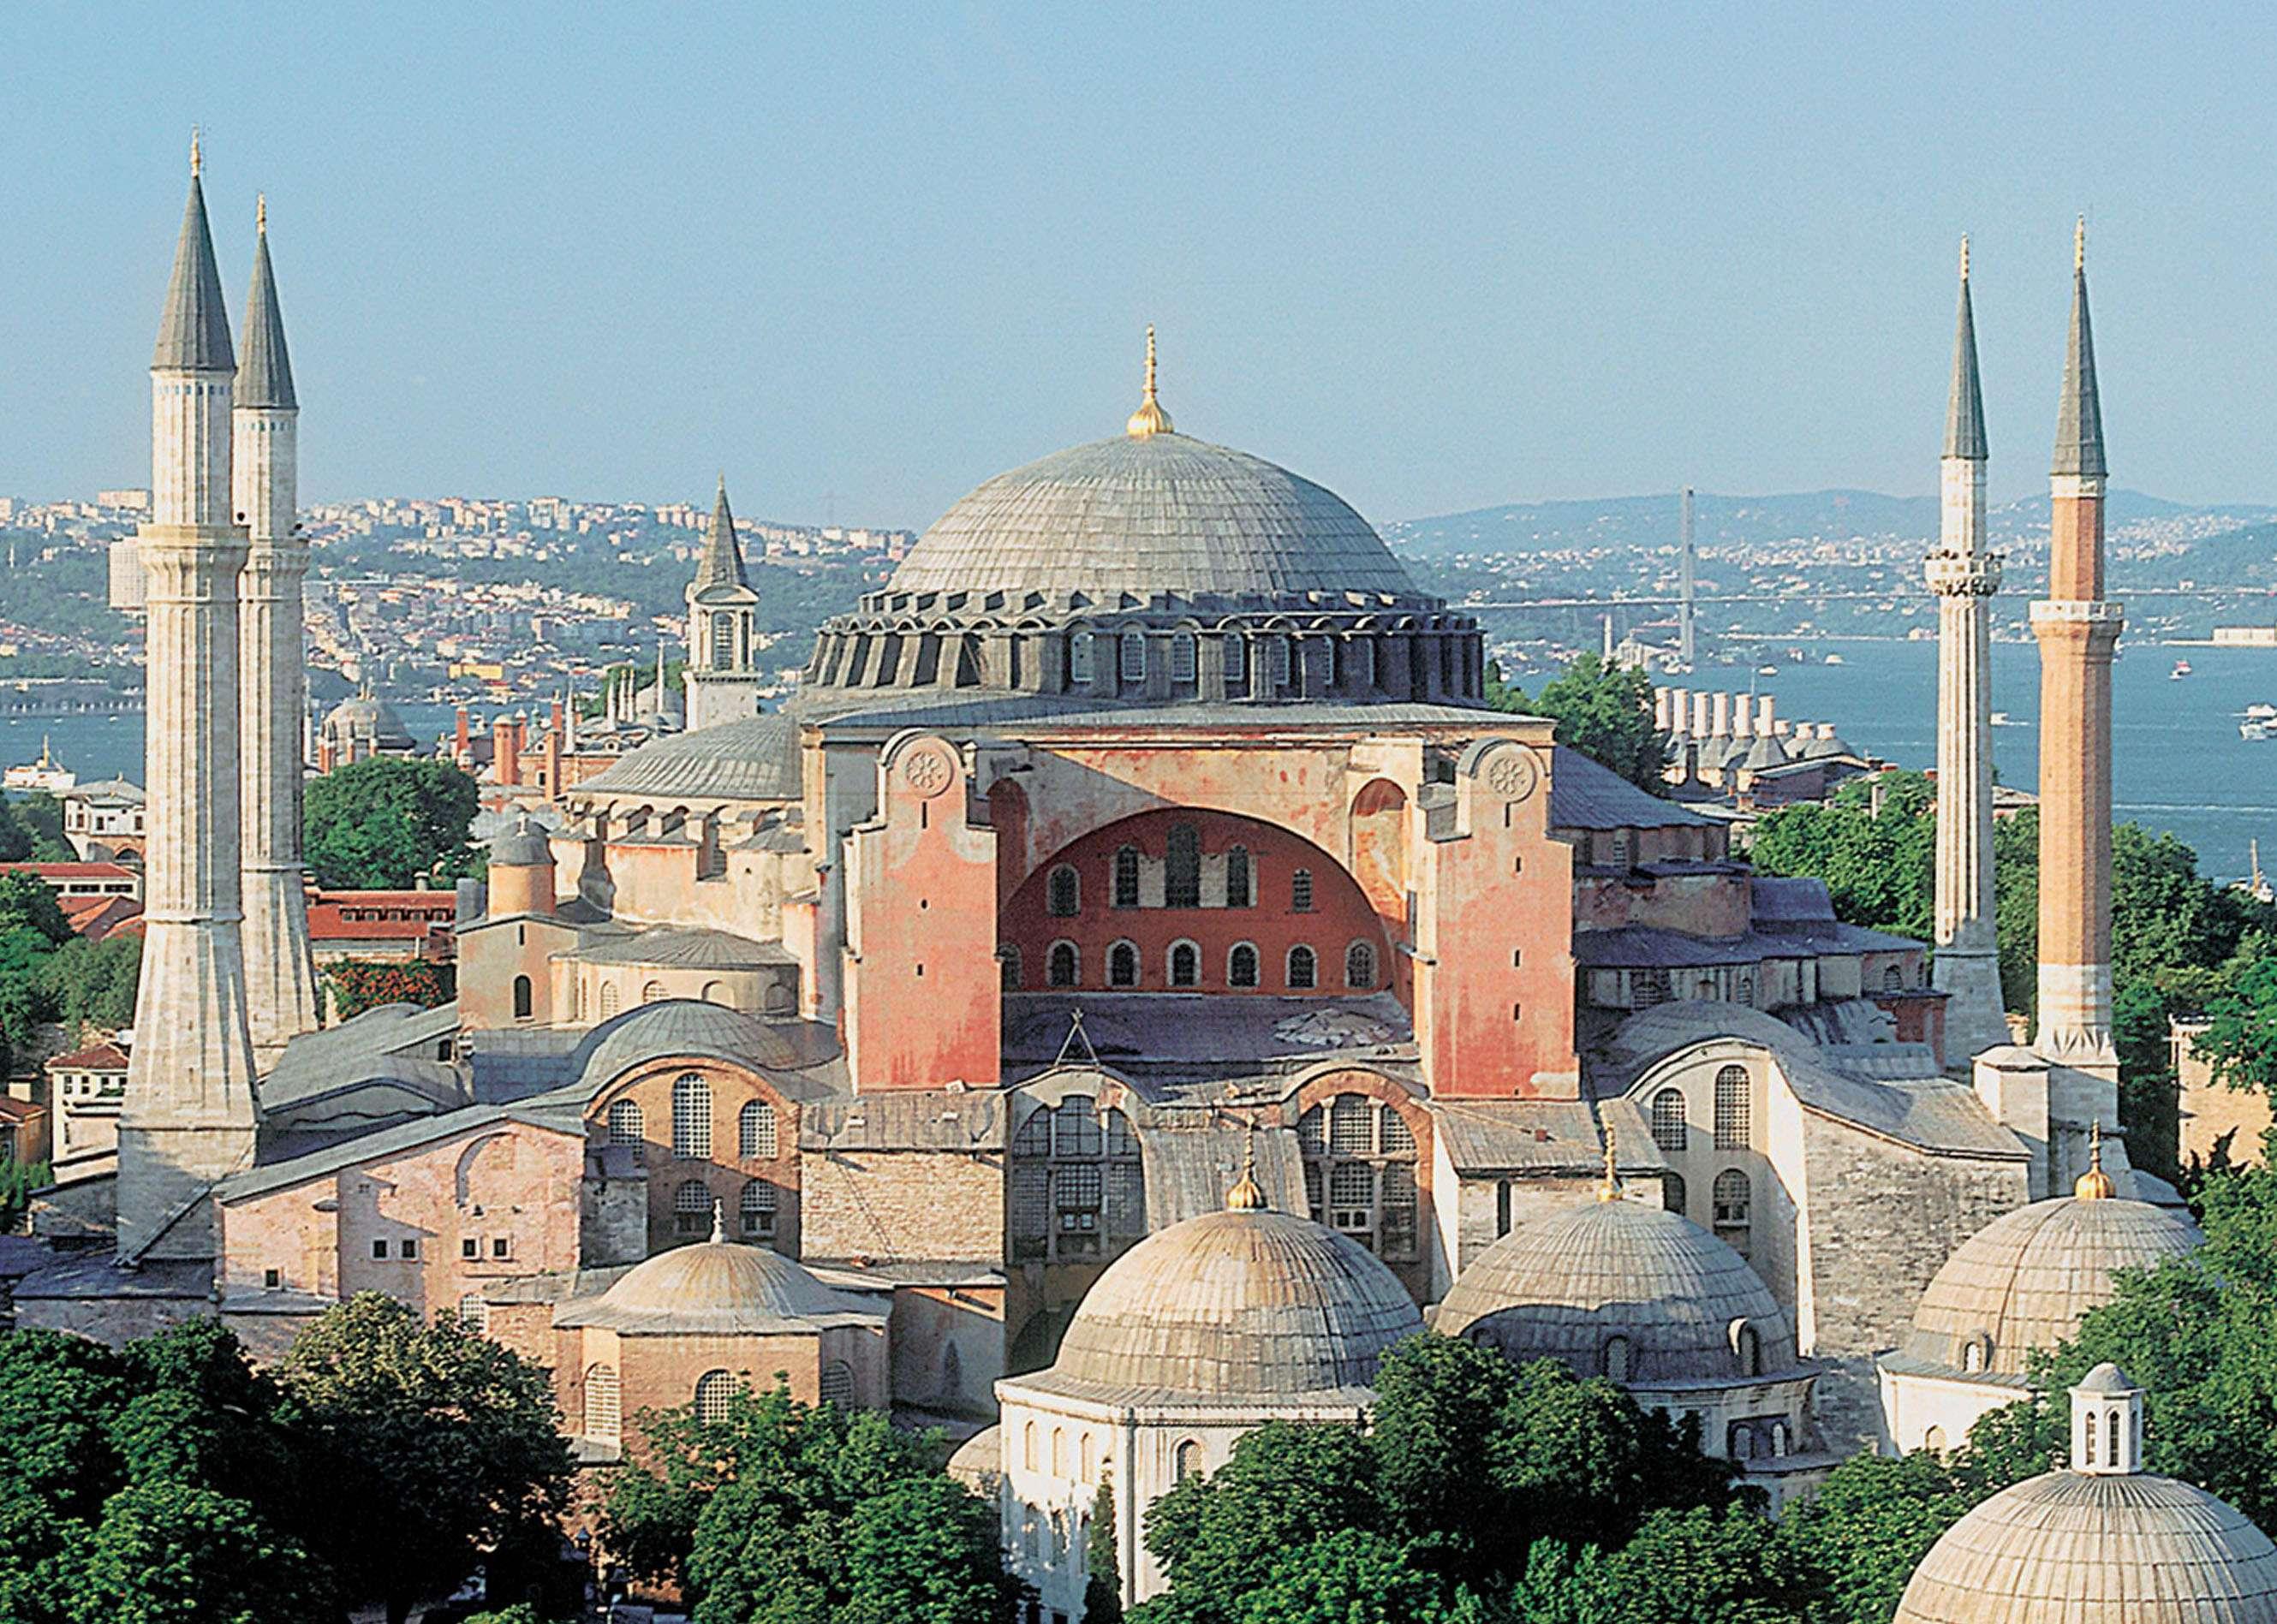 Η Αγία Σοφία ή Αγια-Σοφιά, γνωστή και ως ναός της Αγίας του Θεού Σοφίας ή απλά η Μεγάλη Εκκλησία, είναι ναός που βρίσκεται στην Κωνσταντινούπολη.